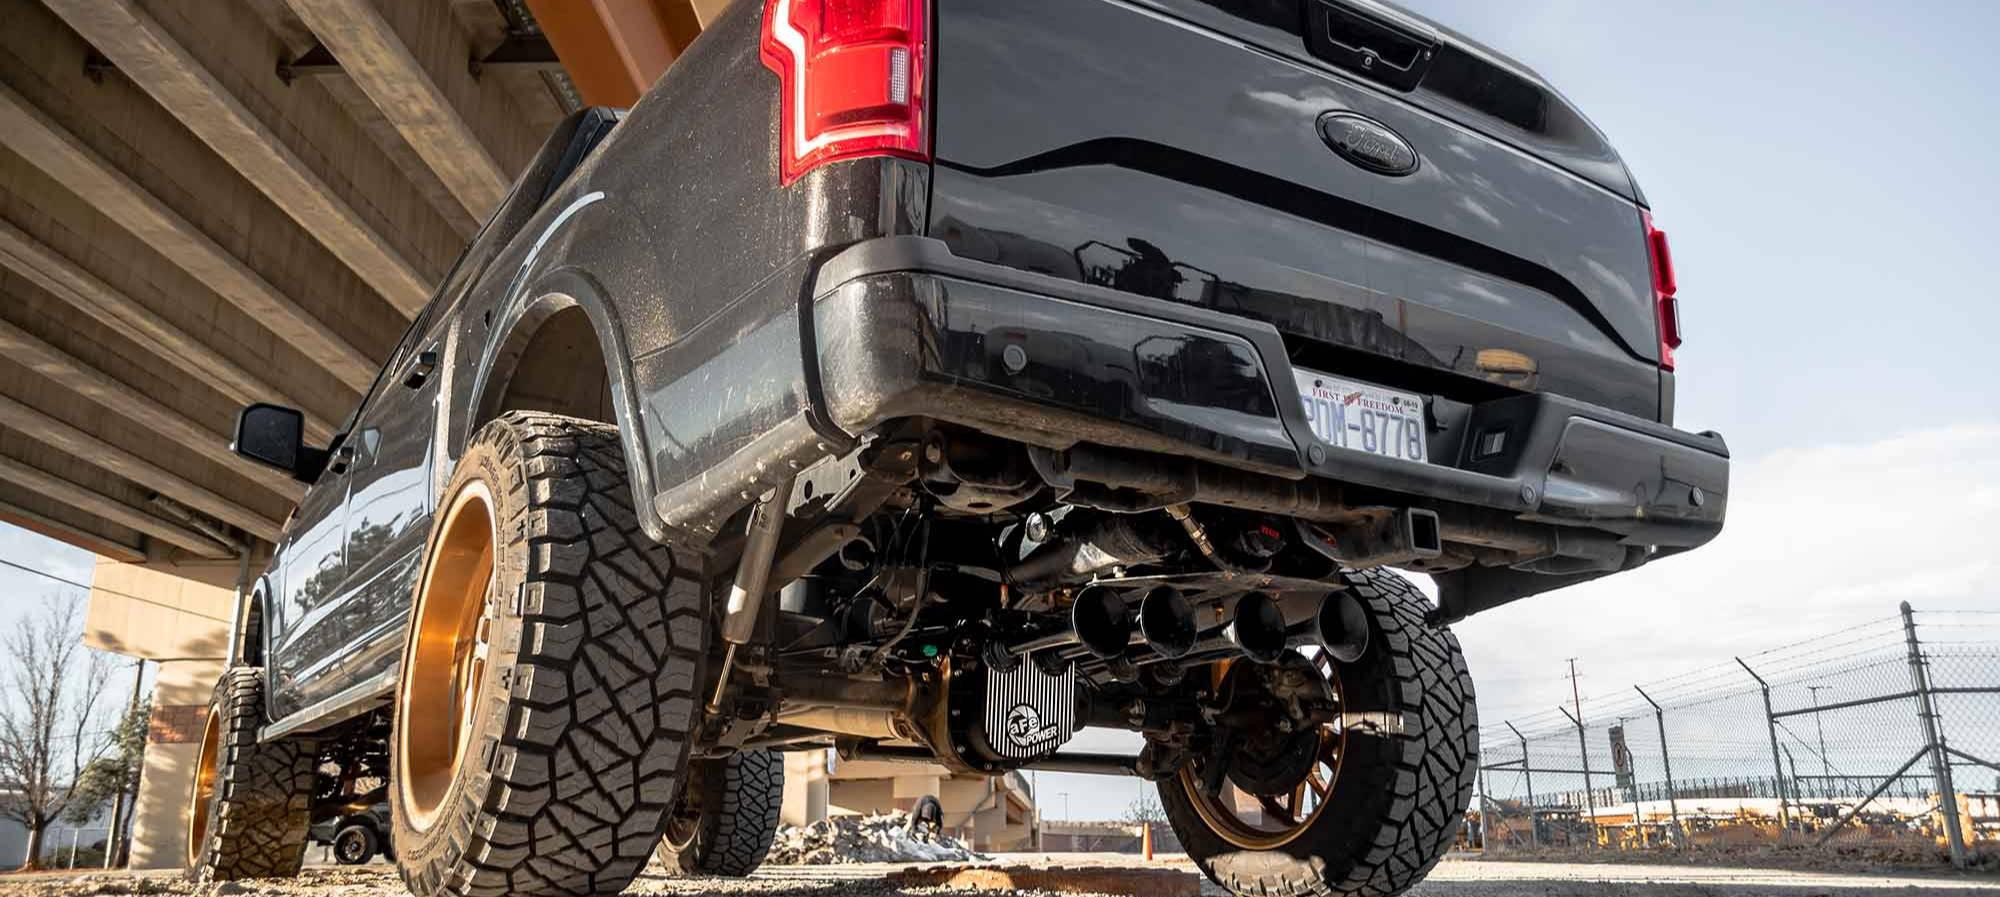 Spare Tire Delete Dual Tank Install